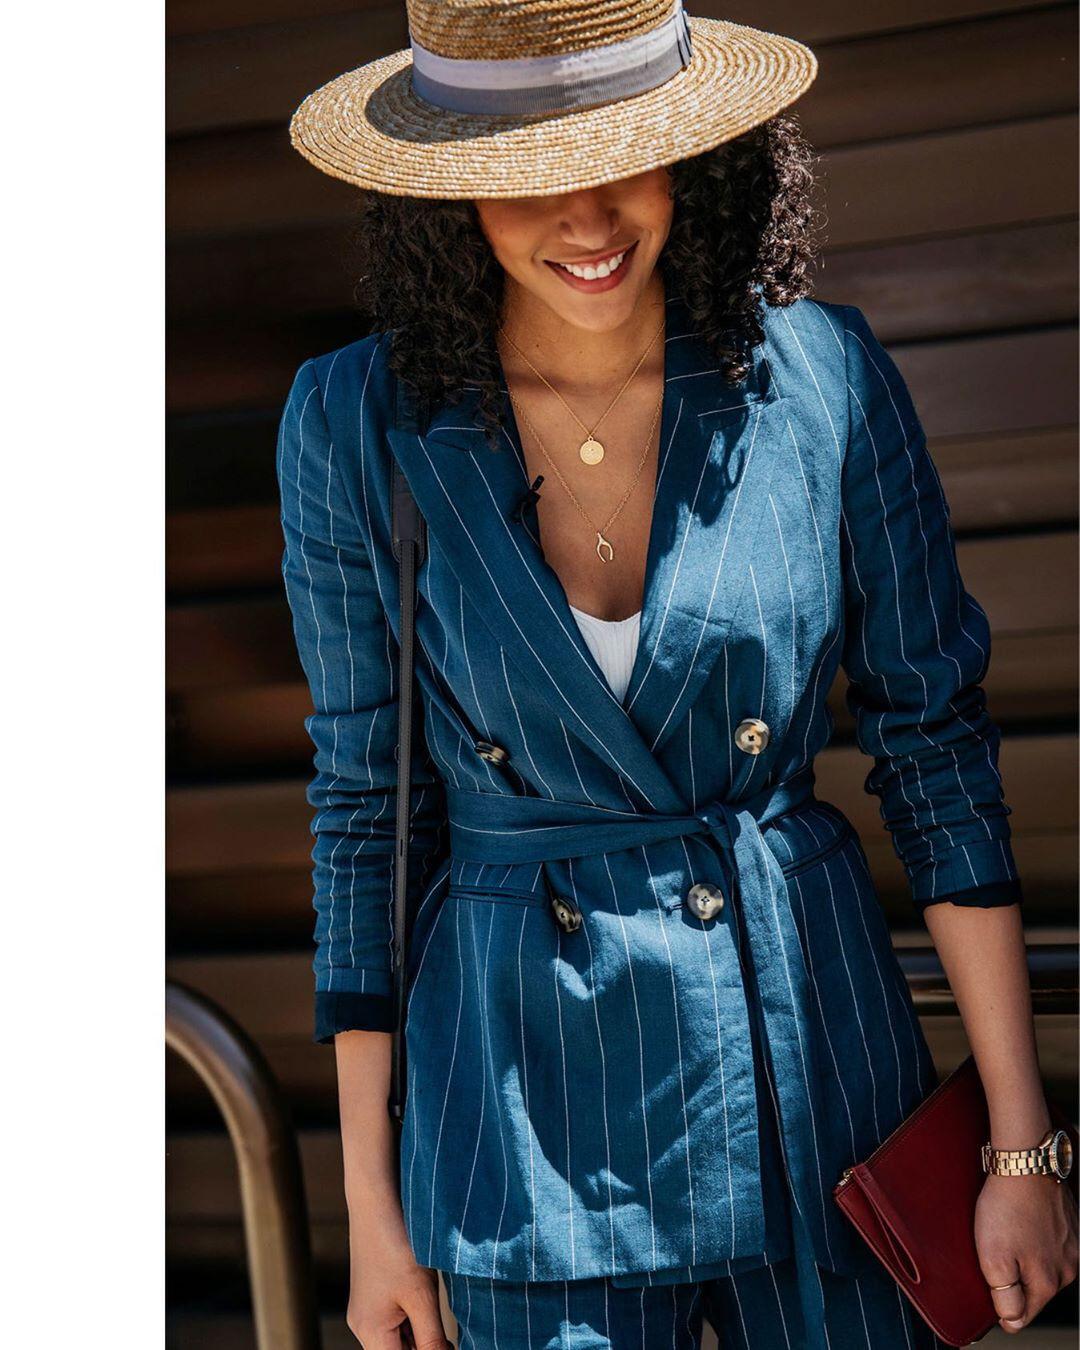 Fashionista diện street style ngày hè ấn tượng với suit kẻ sọc màu xanh và tạo điểm nhấn với dây chuyền layer